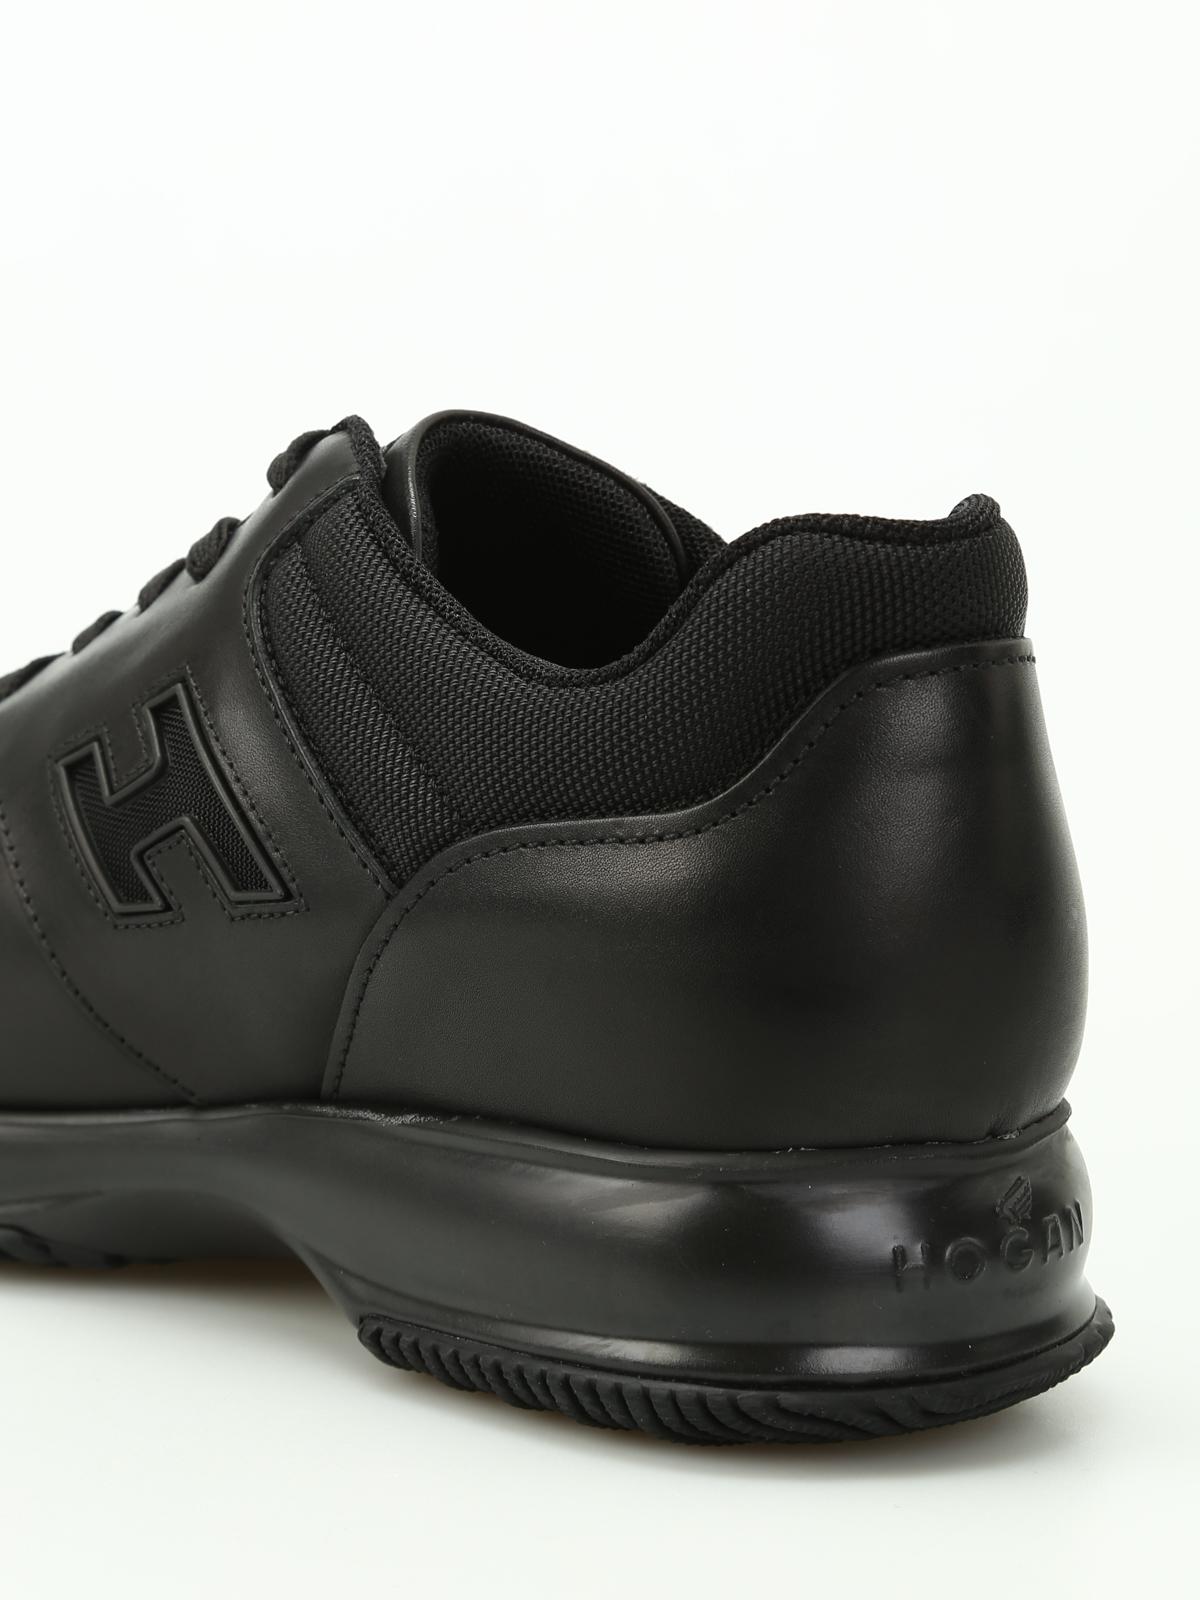 Hogan - Total black Interactive sneakers - trainers - HXM00N0Y720HJQB999 0ef3baa33ff